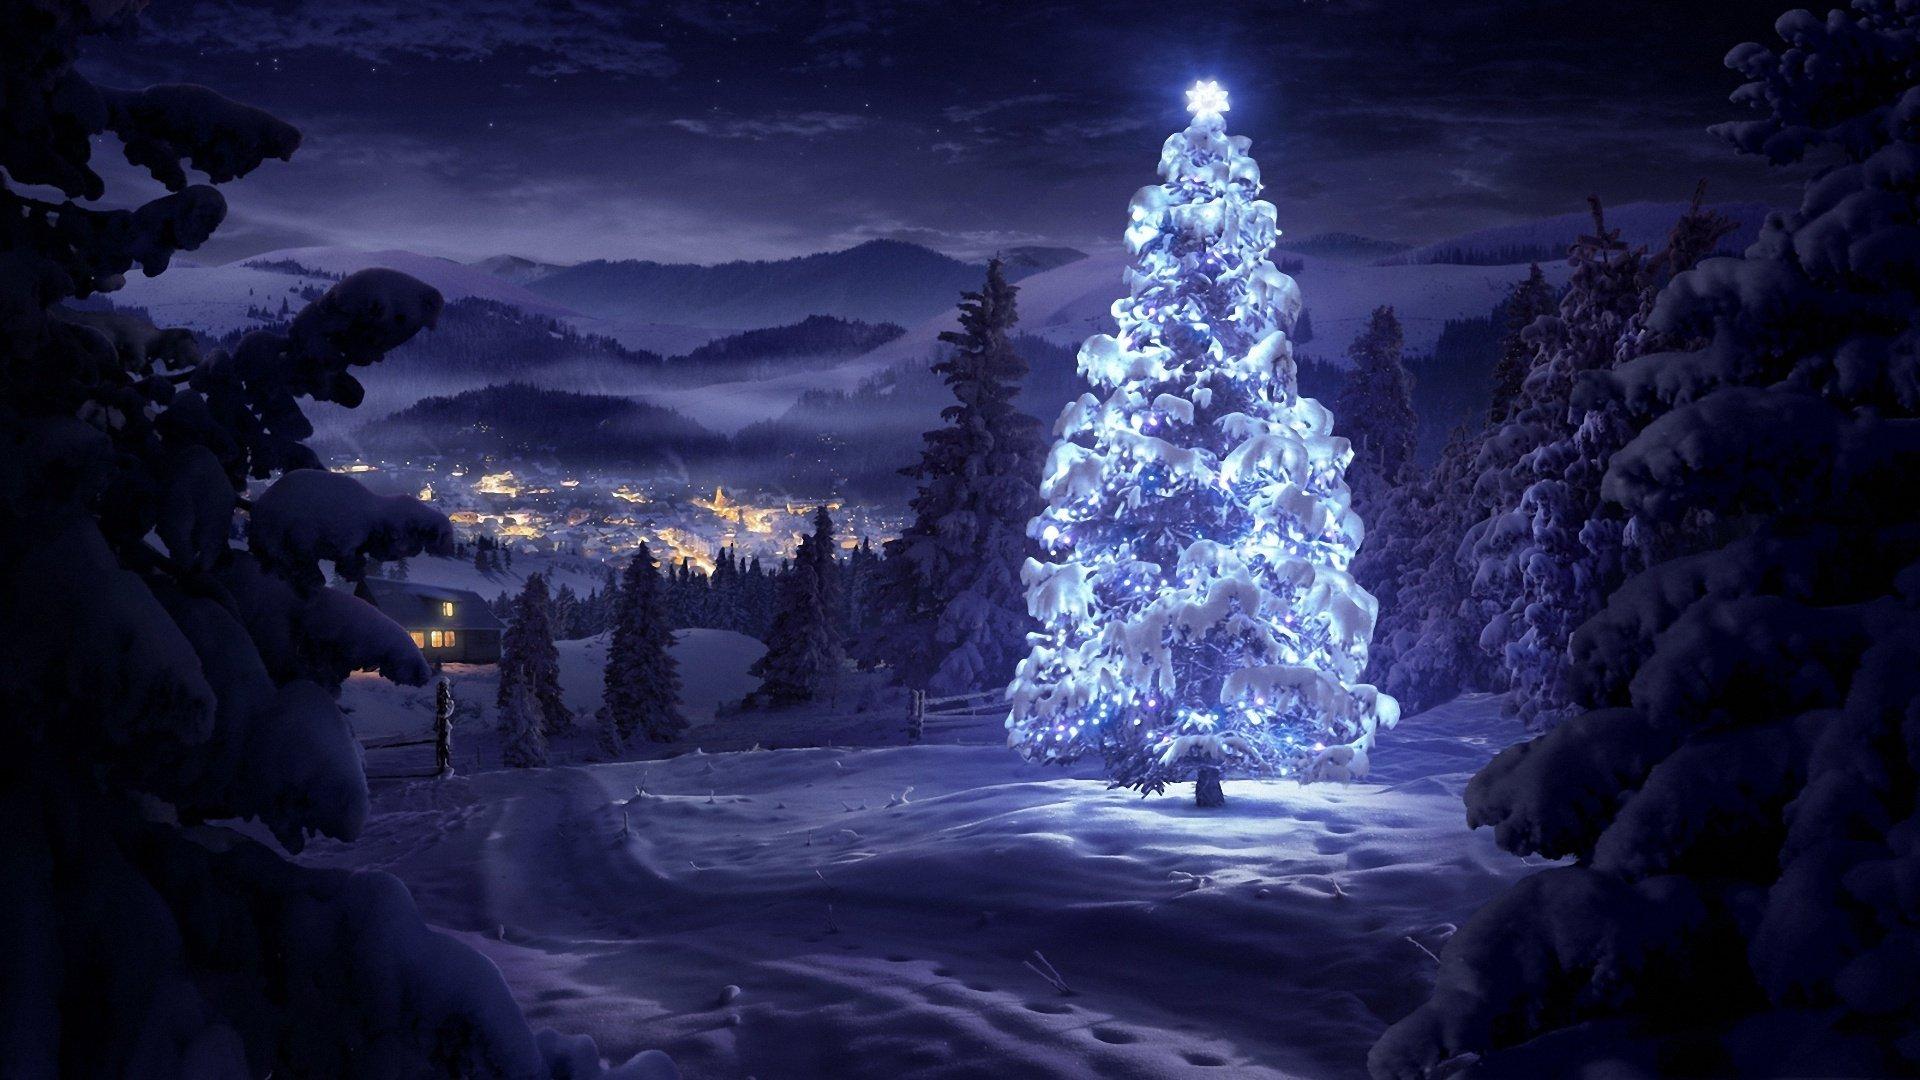 Открытка раскраска, картинки с новым годом с елкой